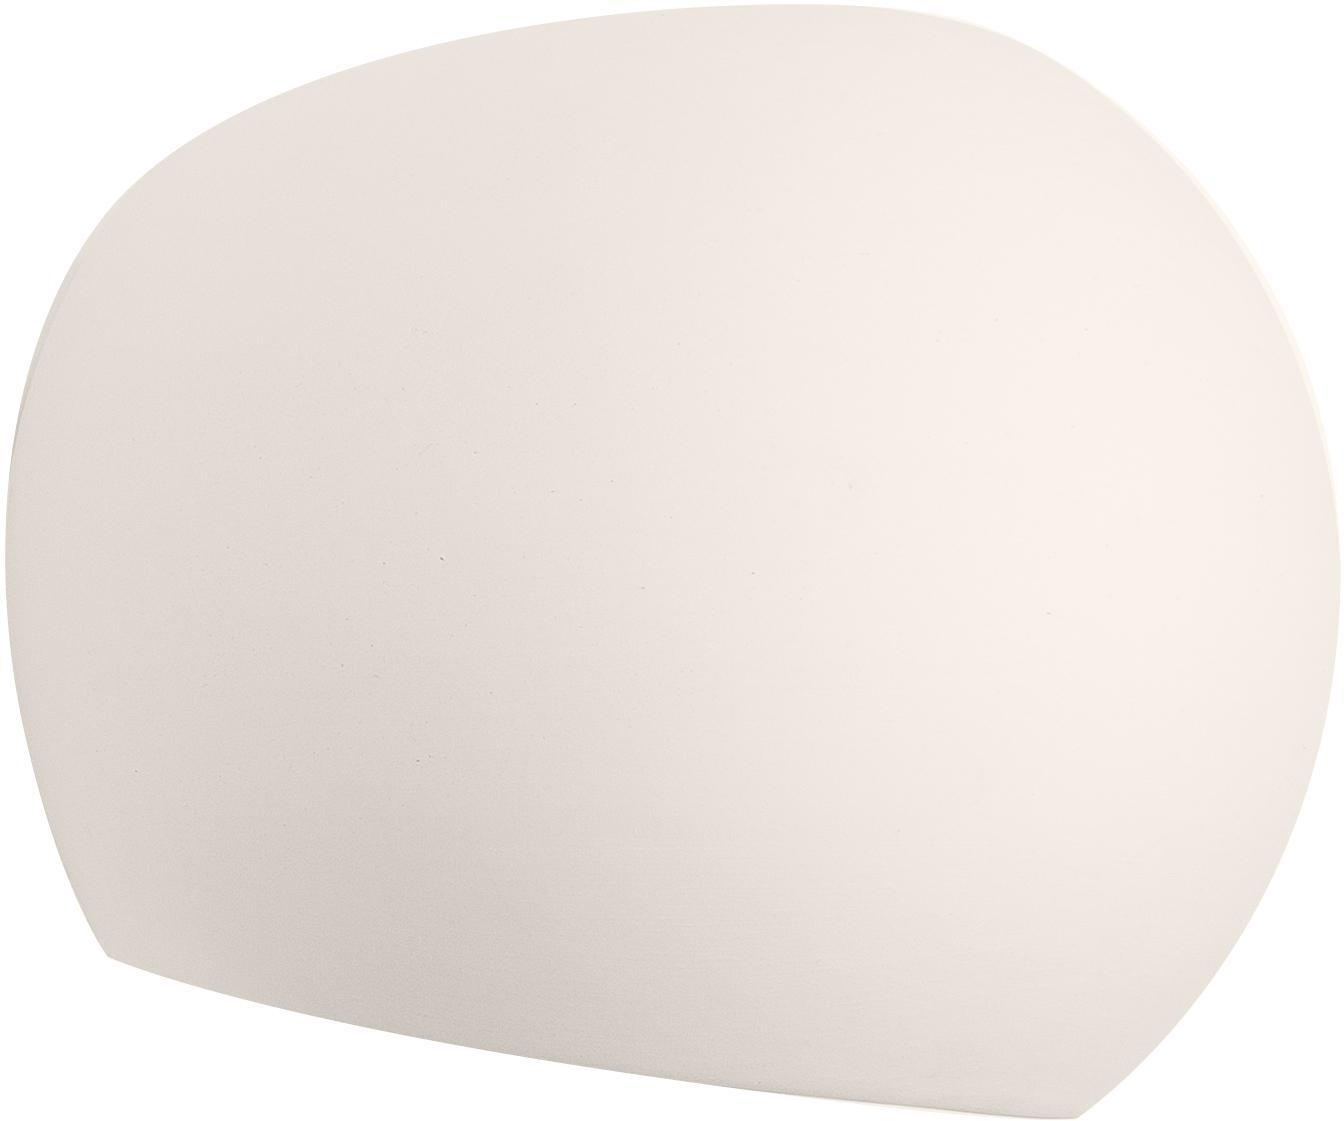 Applique in ceramica Mercury, Paralume: ceramica, Bianco, Larg. 17 x Alt. 15 cm